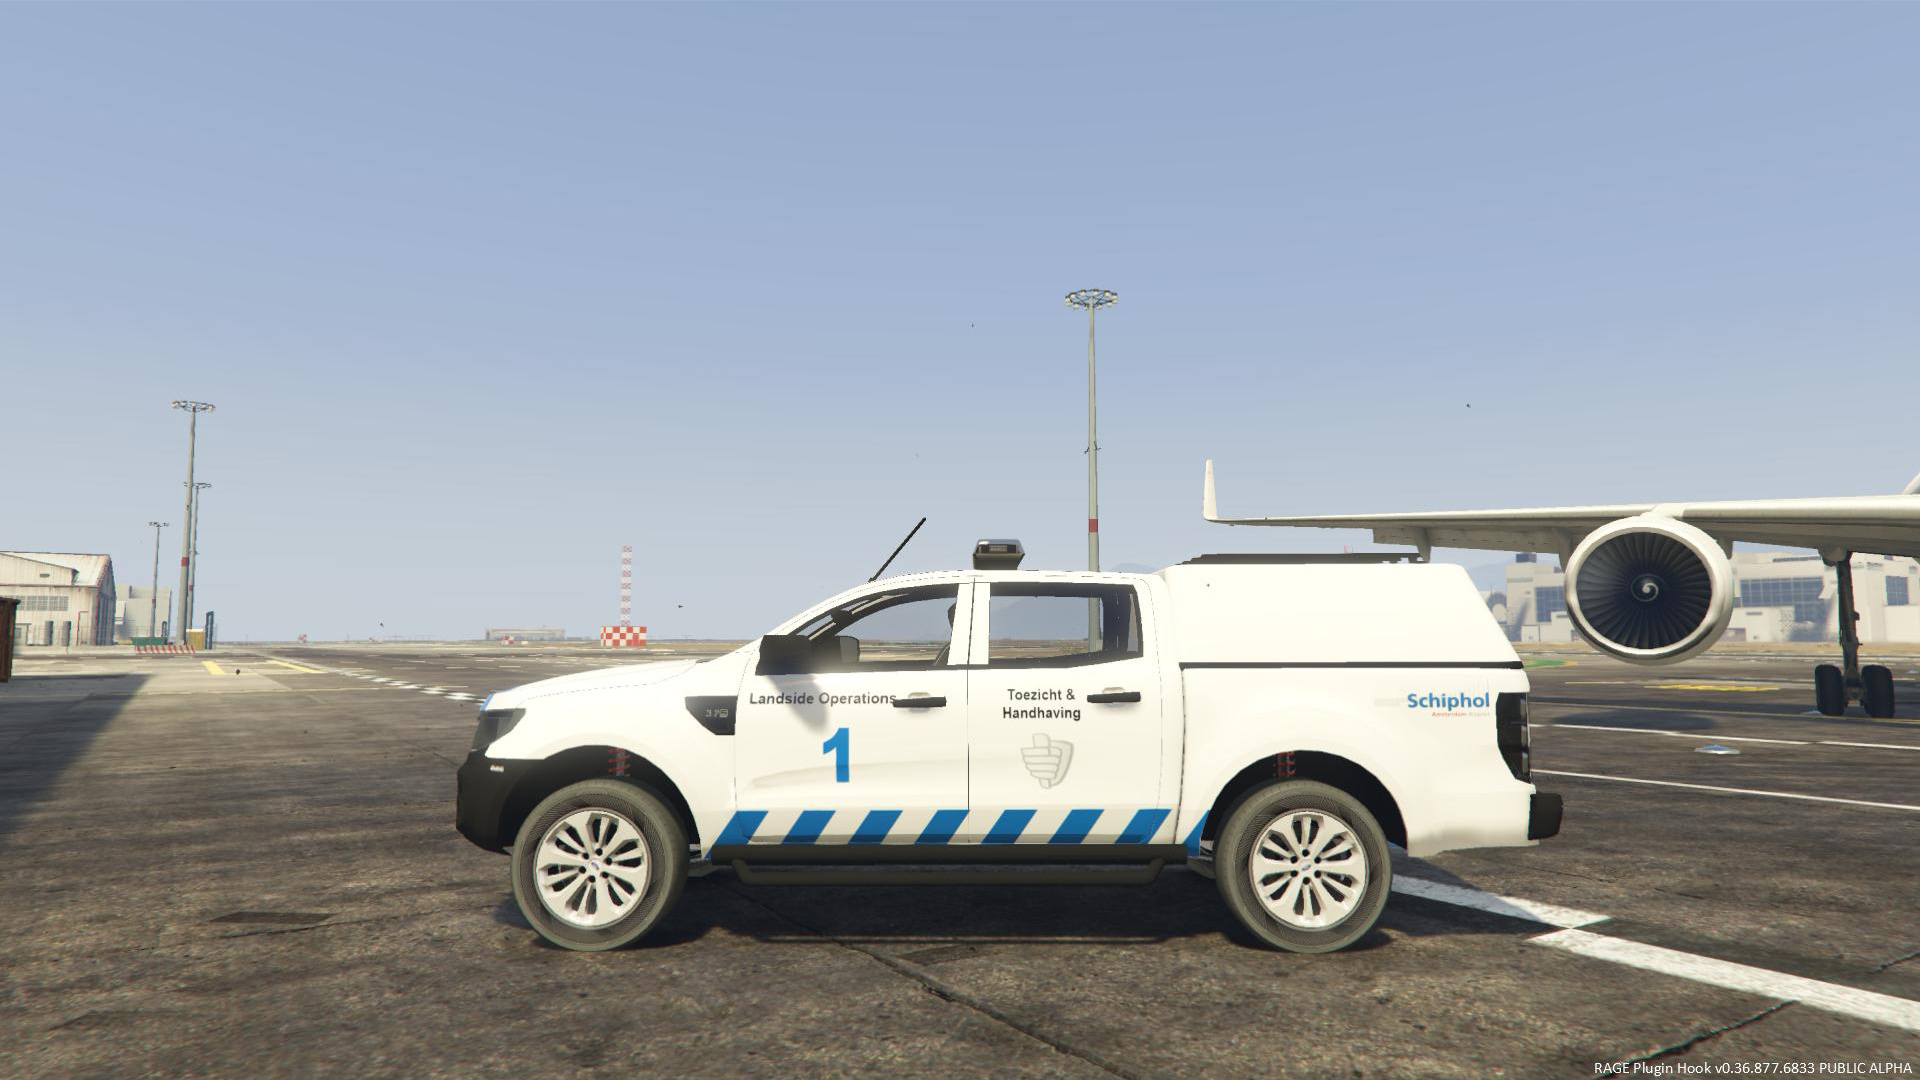 Ford Ranger Schiphol Landside Operations [4K Skin] - GTA5-Mods com